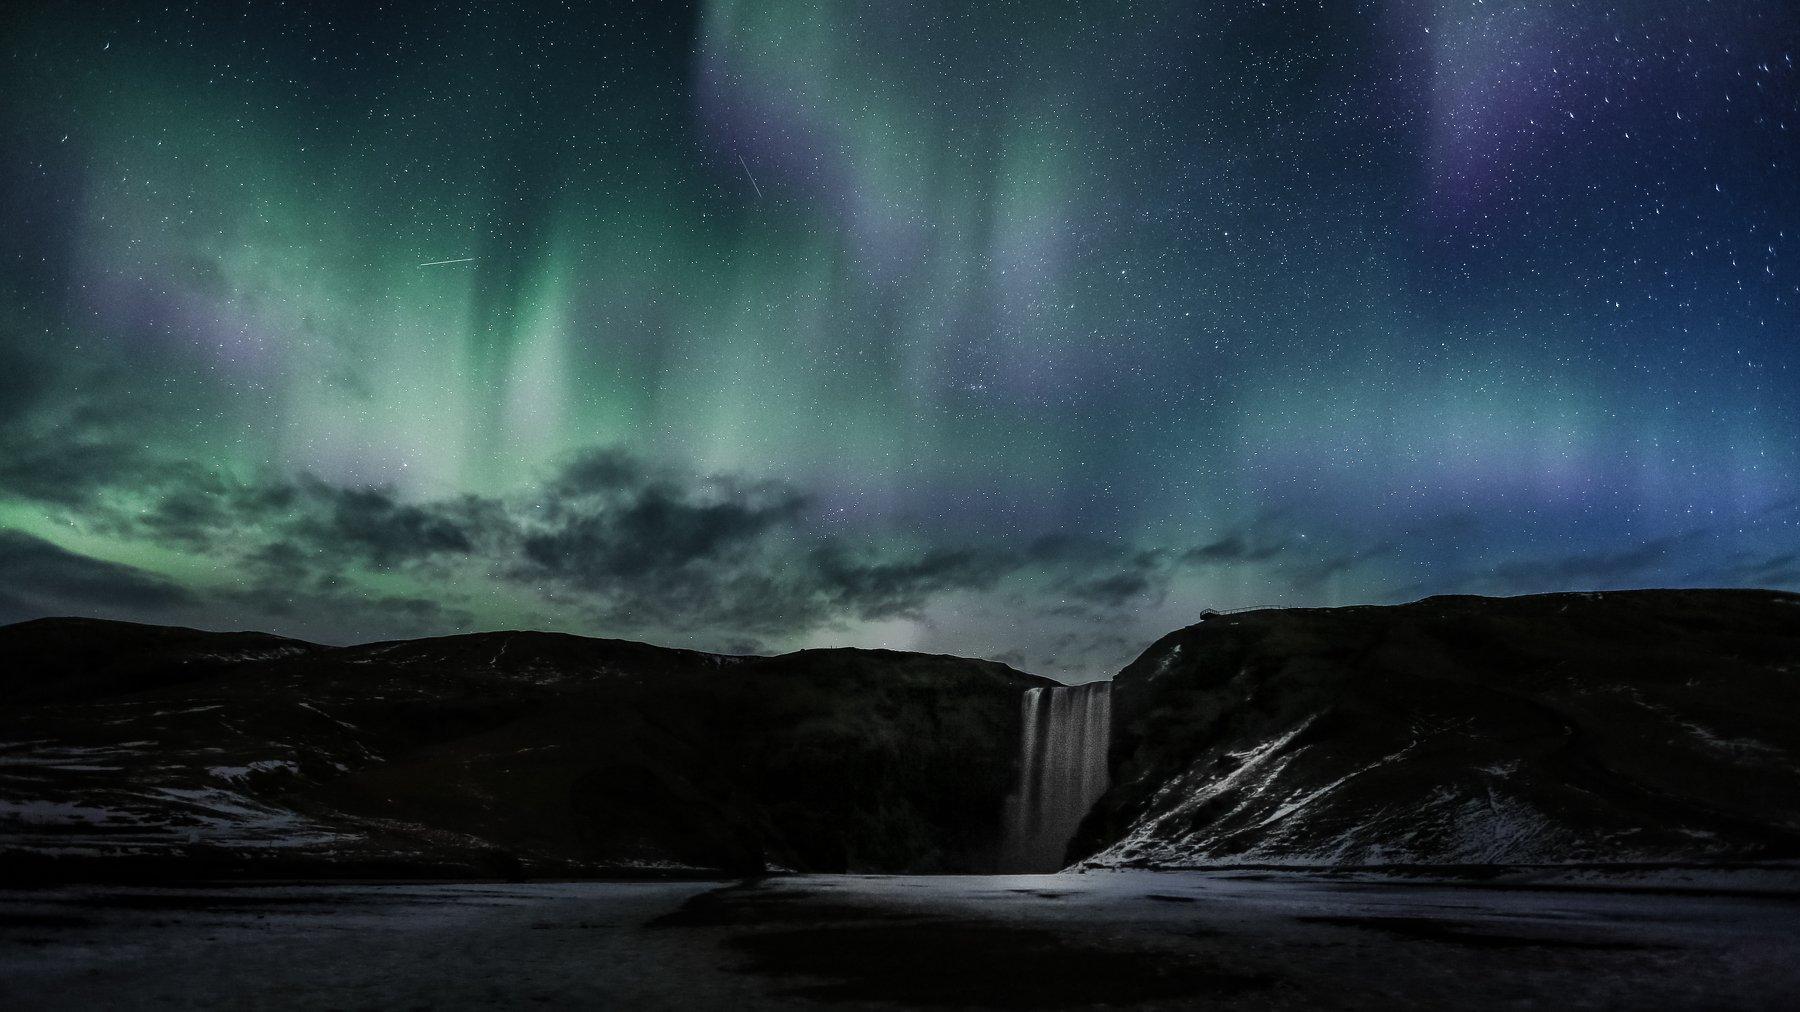 водопад,skogafoss,исландия,пейзаж,северное сияние, Ruslan Stepanov